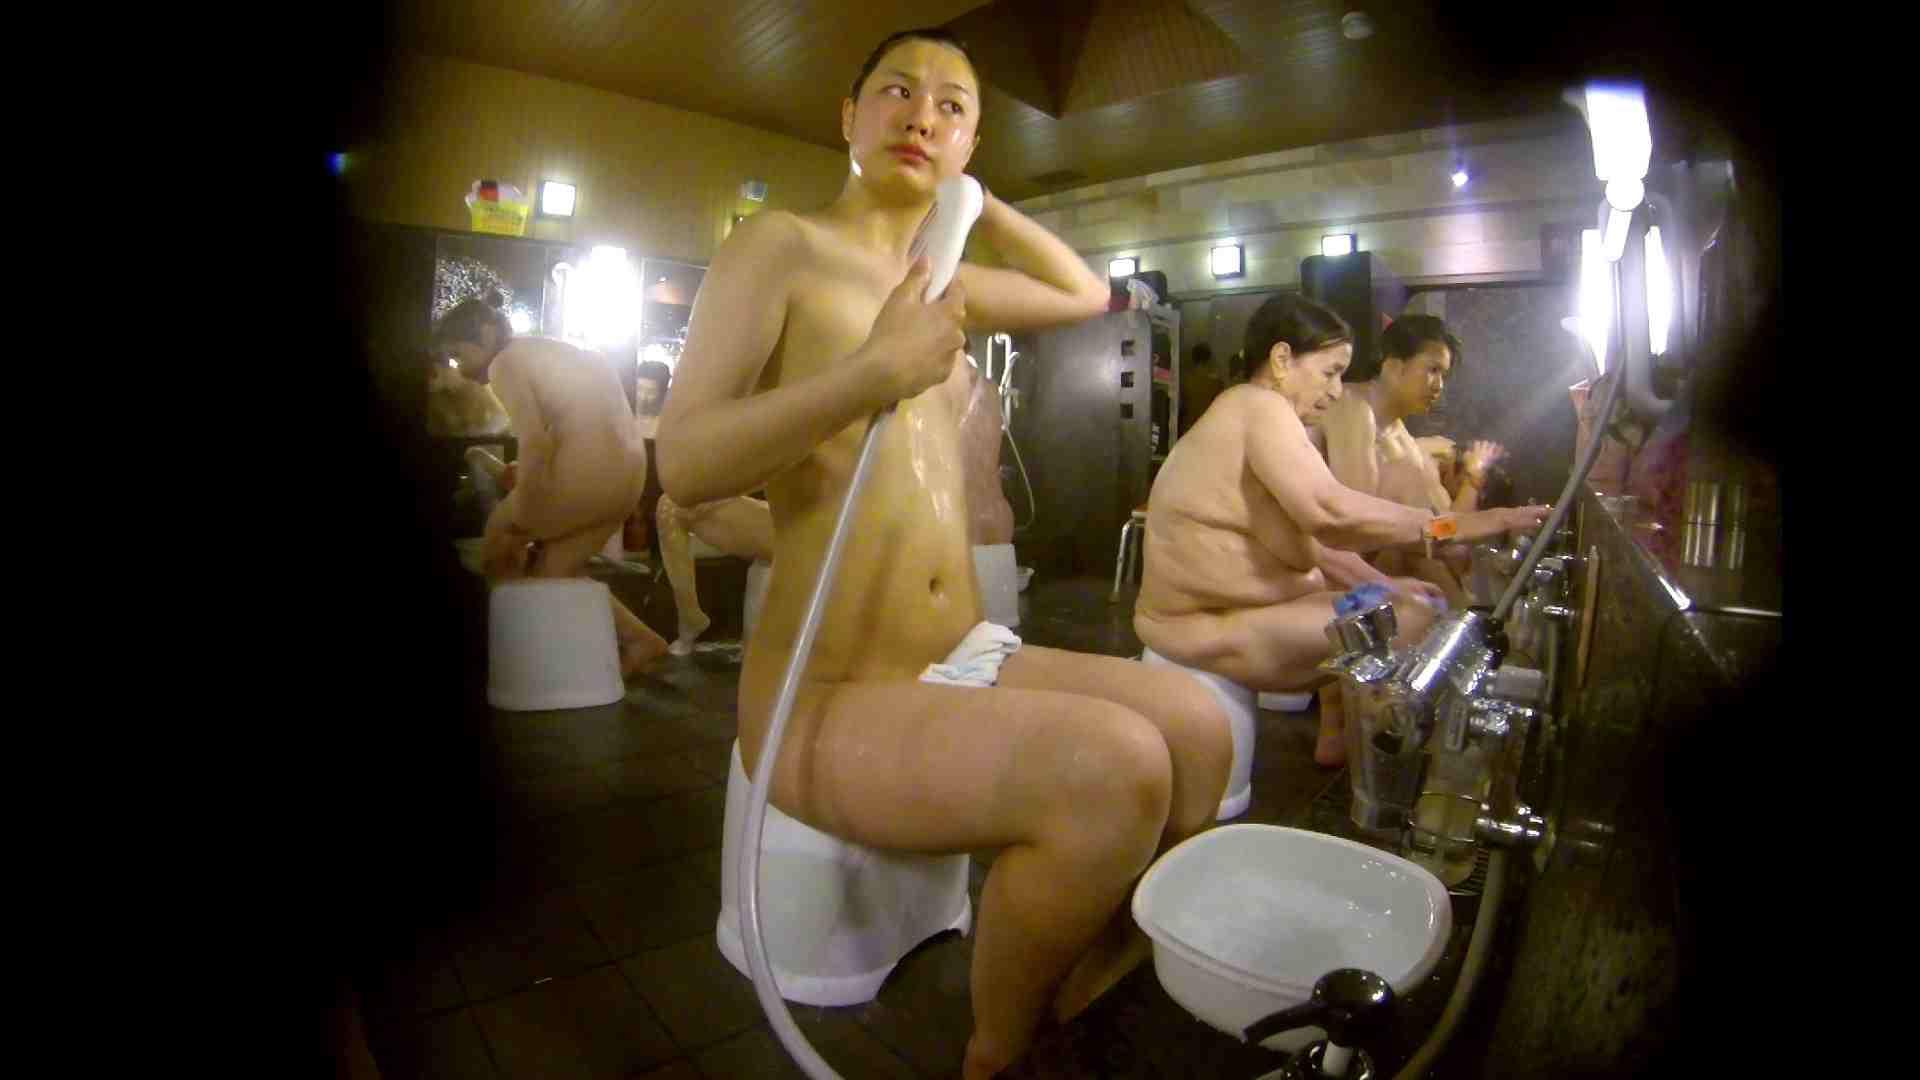 追い撮り!脱衣~洗い場、徹底追跡!撮り師さんに拍手!! 女湯 アダルト動画キャプチャ 95画像 33